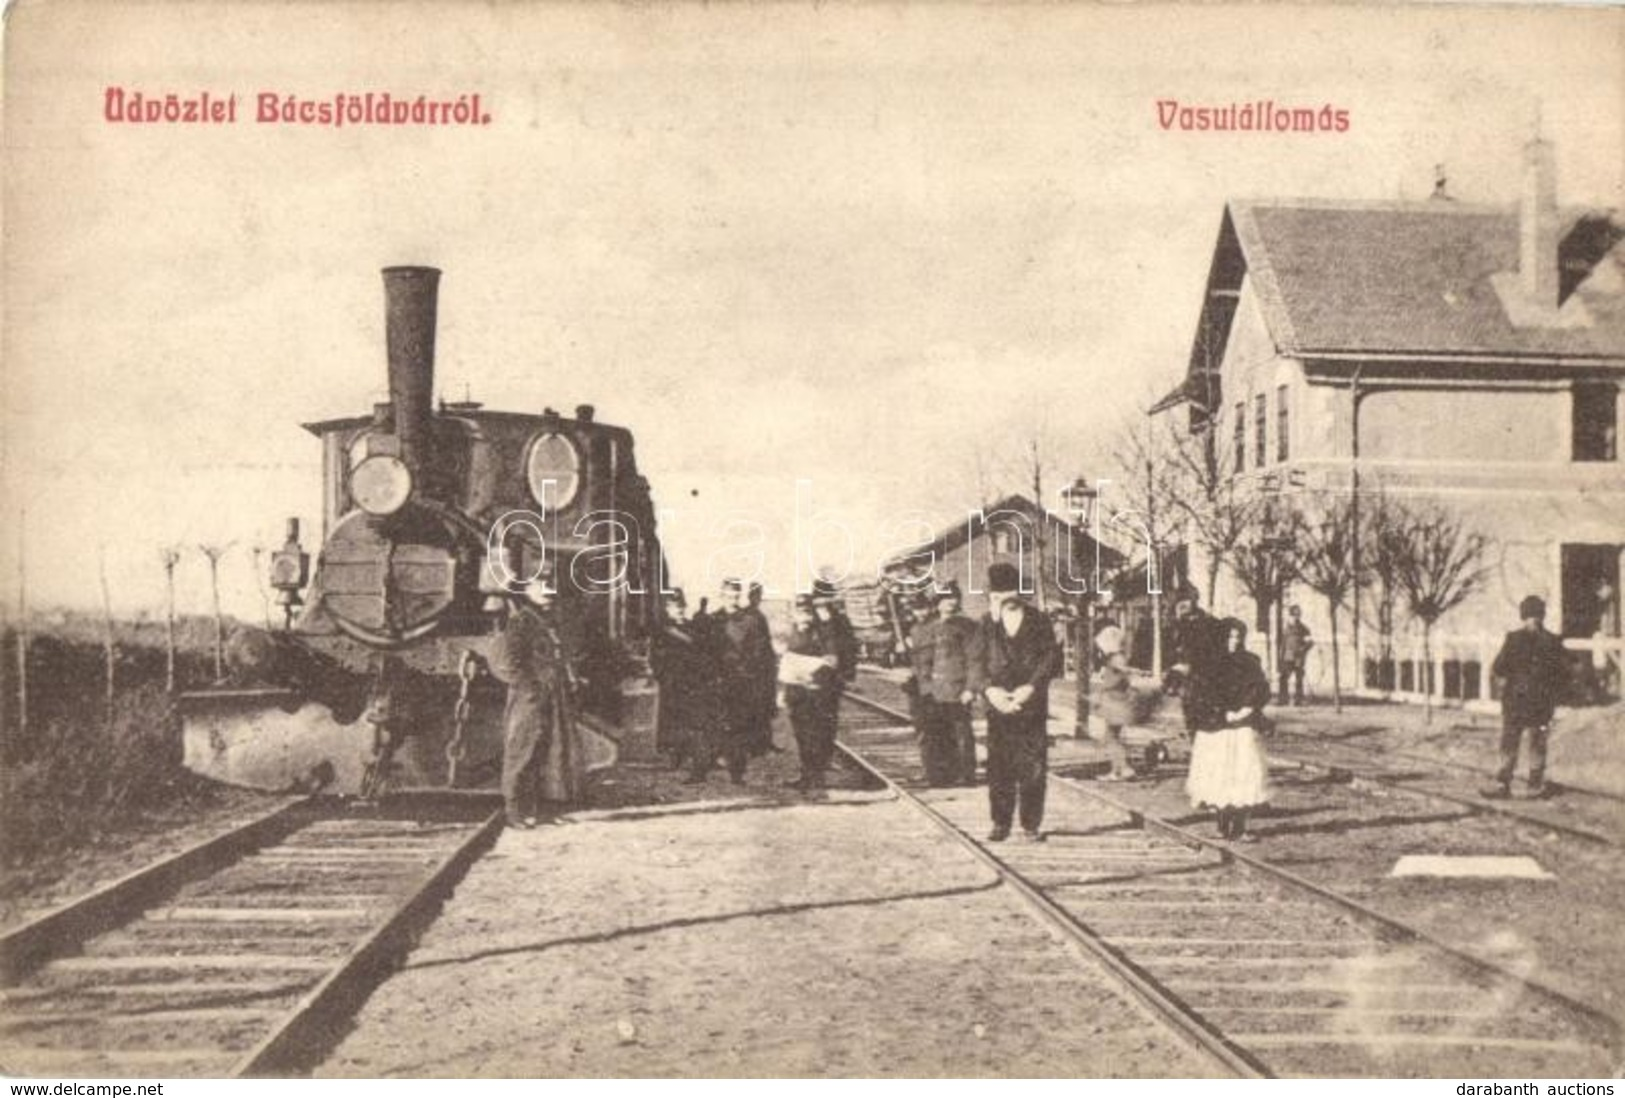 ** T2/T3 Bácsföldvár, Backo Gradiste; Vasútállomás, G?zmozdony, Vasutasok / Bahnhof / Railway Station, Locomotive, Railw - Postcards